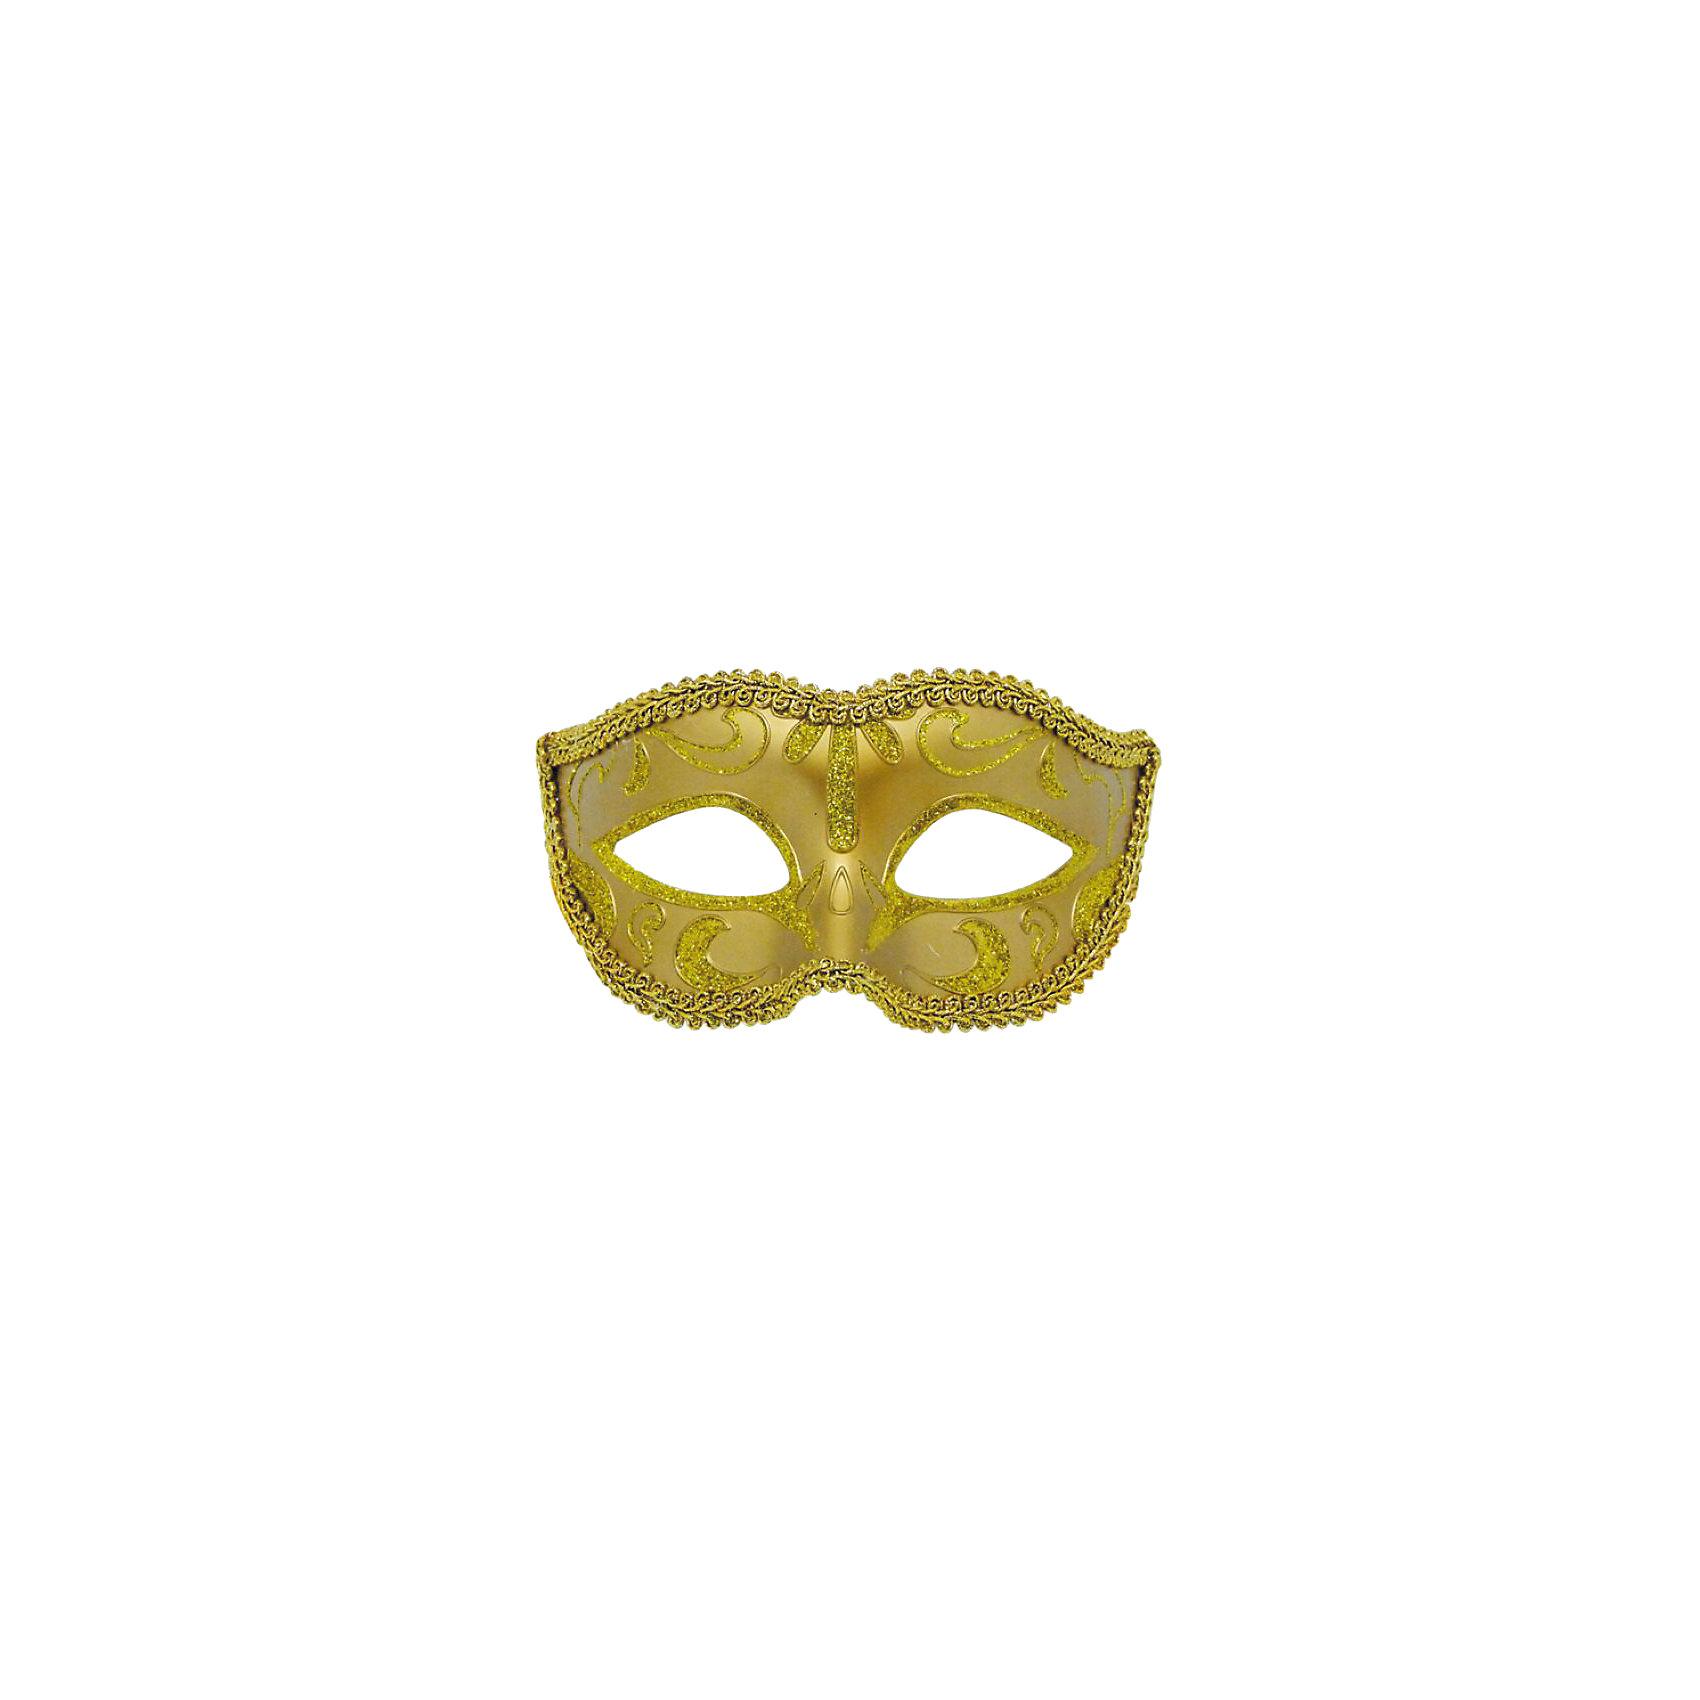 Карнавальная маска ЗолотоМаски и карнавальные костюмы<br>Карнавальная маска Золото – это возможность превратить праздник в необычное, яркое шоу.<br>Карнавальная маска Золото, изготовленная из пластика и украшенная глиттером, внесет нотку задора и веселья в праздник. Маска станет завершающим штрихом в создании праздничного образа. Изделие крепится на голове при помощи атласной ленты. В этой роскошной маске вы будете неотразимы!<br><br>Дополнительная информация:<br><br>- Размер: 15,6 х 10,3 х 7,5 см.<br>- Материал: пластик<br><br>Карнавальную маску Золото можно купить в нашем интернет-магазине.<br><br>Ширина мм: 156<br>Глубина мм: 103<br>Высота мм: 75<br>Вес г: 25<br>Возраст от месяцев: 48<br>Возраст до месяцев: 72<br>Пол: Унисекс<br>Возраст: Детский<br>SKU: 4280629